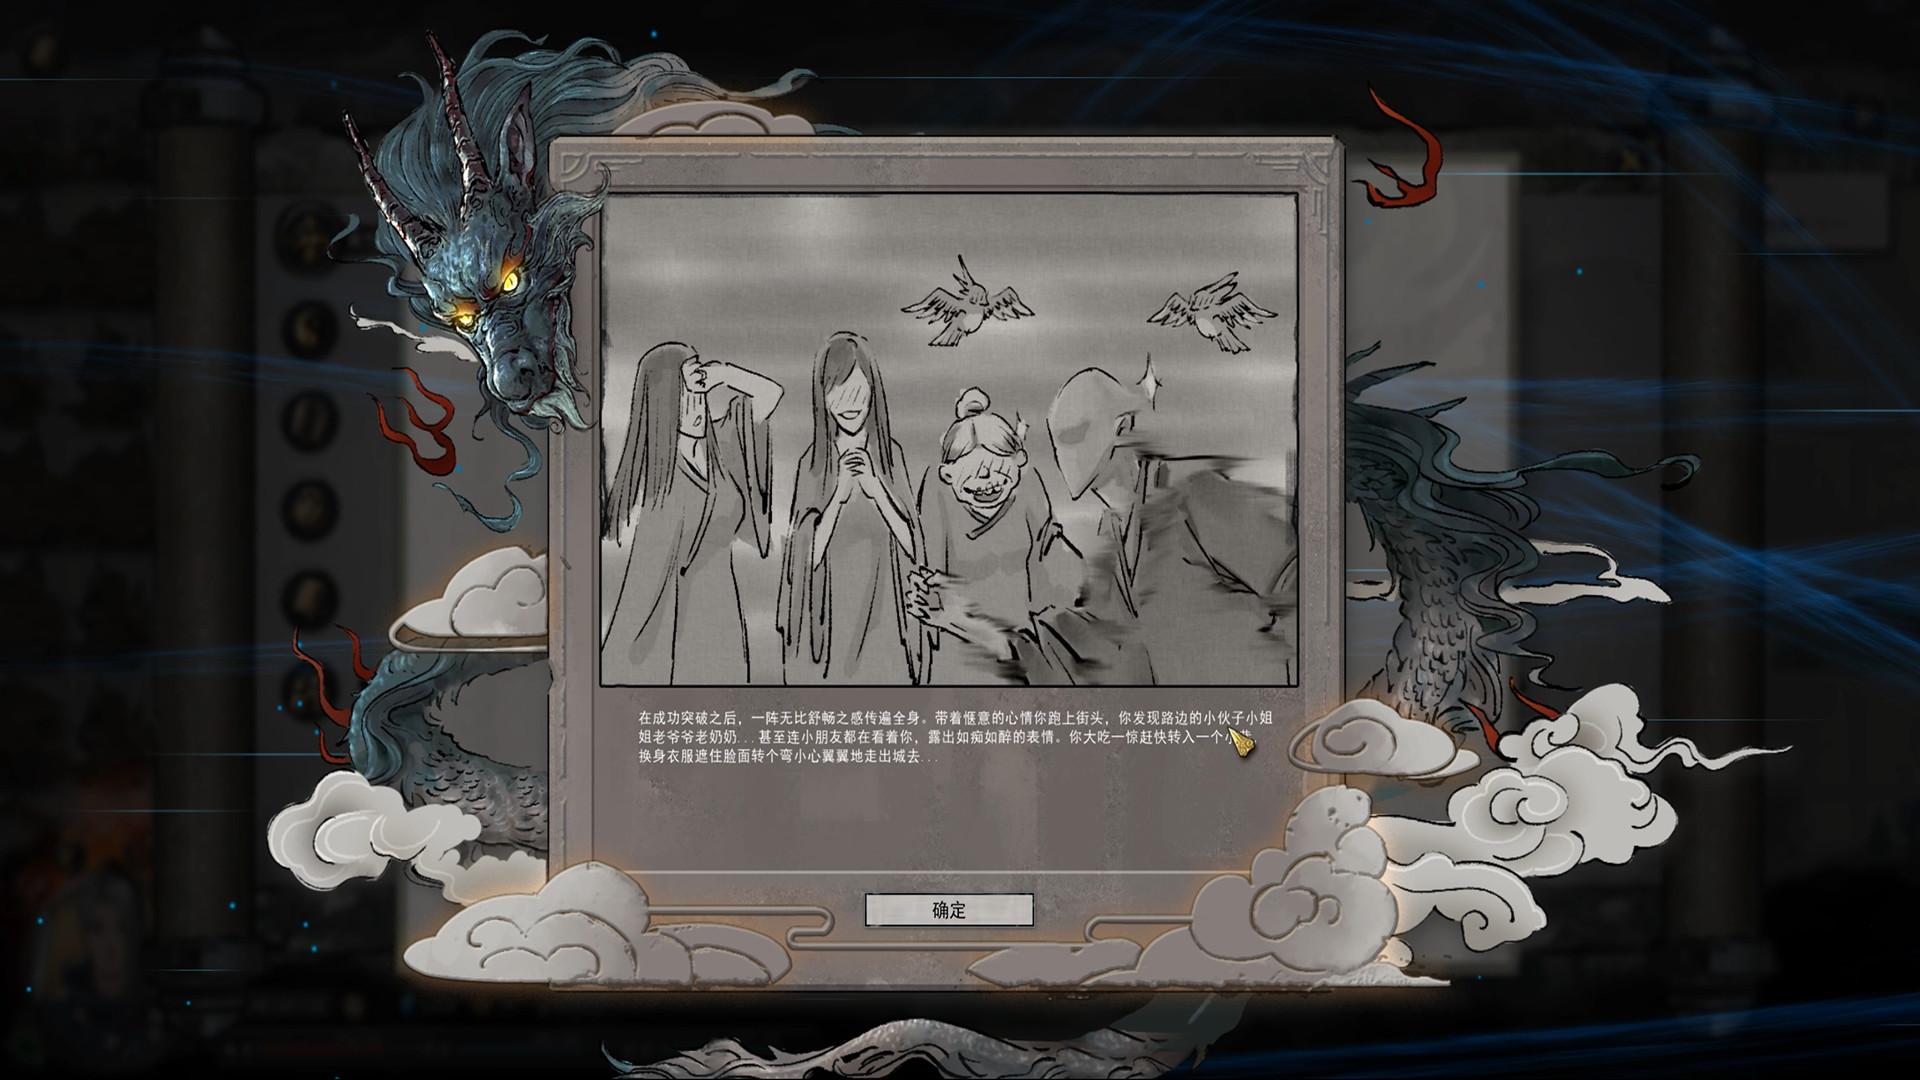 鬼谷八荒(V0.8.2014.235-化神·悟道)插图15